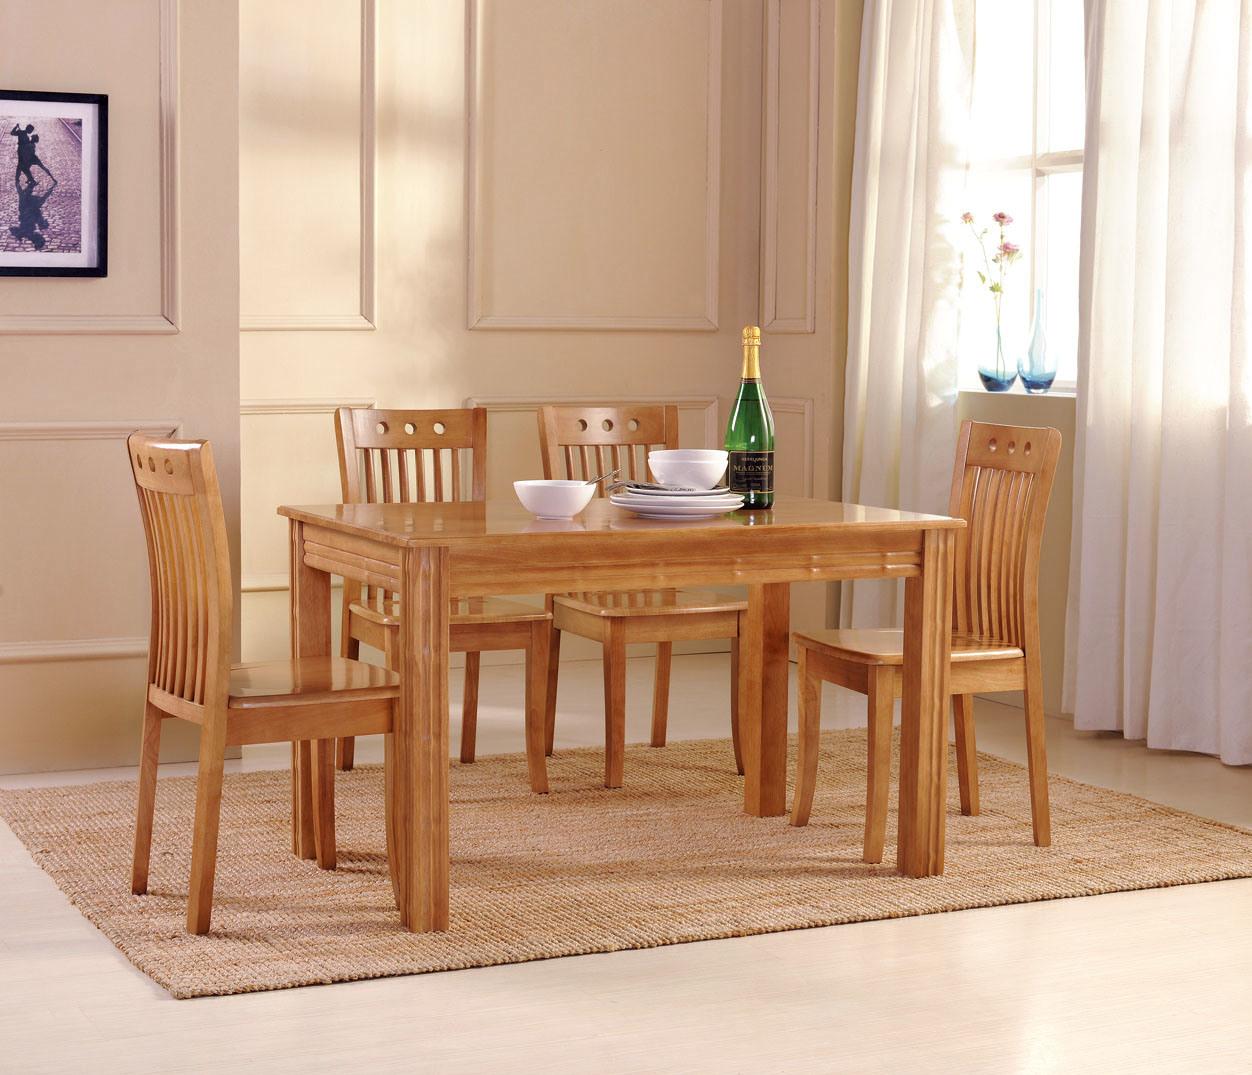 Table Design Sample Of Tabla De Cena Silla Muebles De Madera Muebles Del